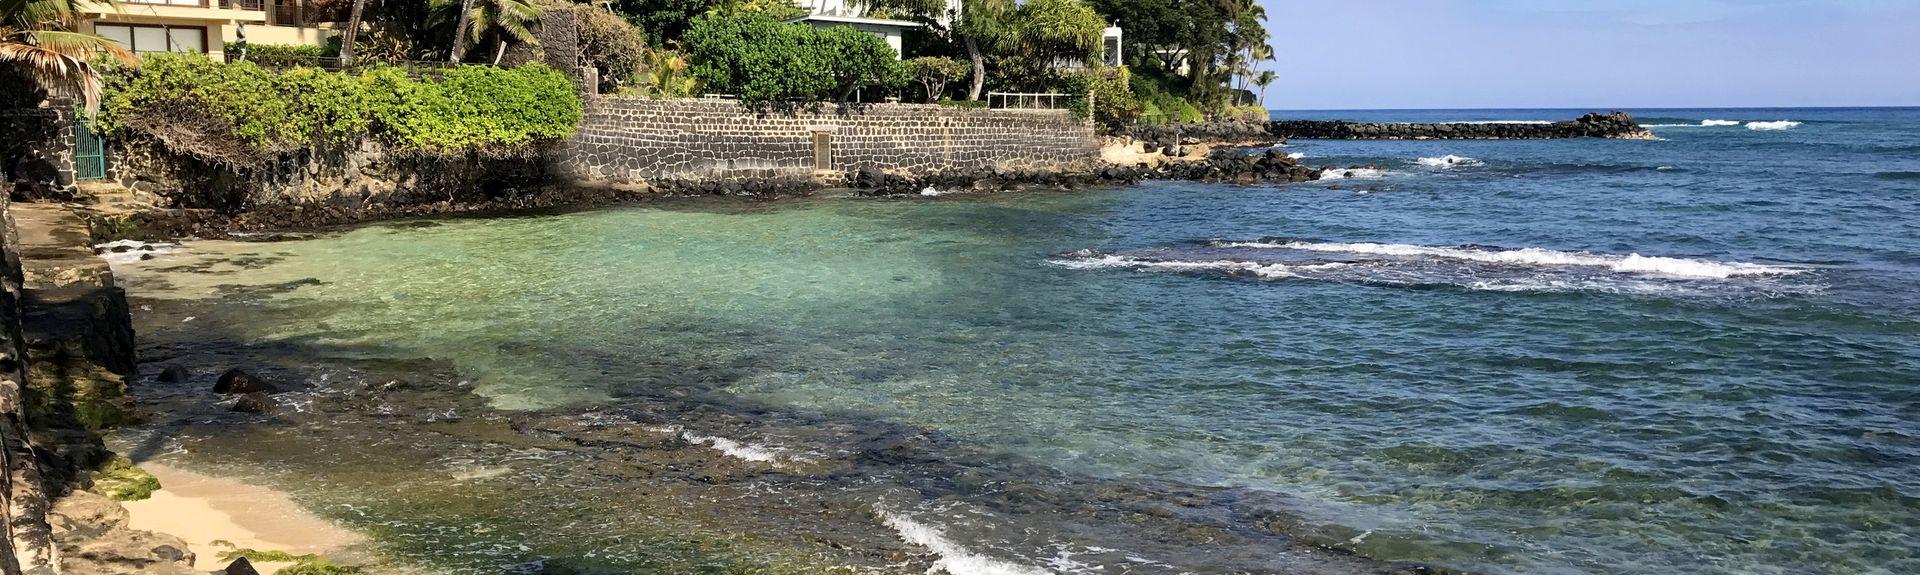 Kaimuki, Honolulu, Havaiji, Yhdysvallat